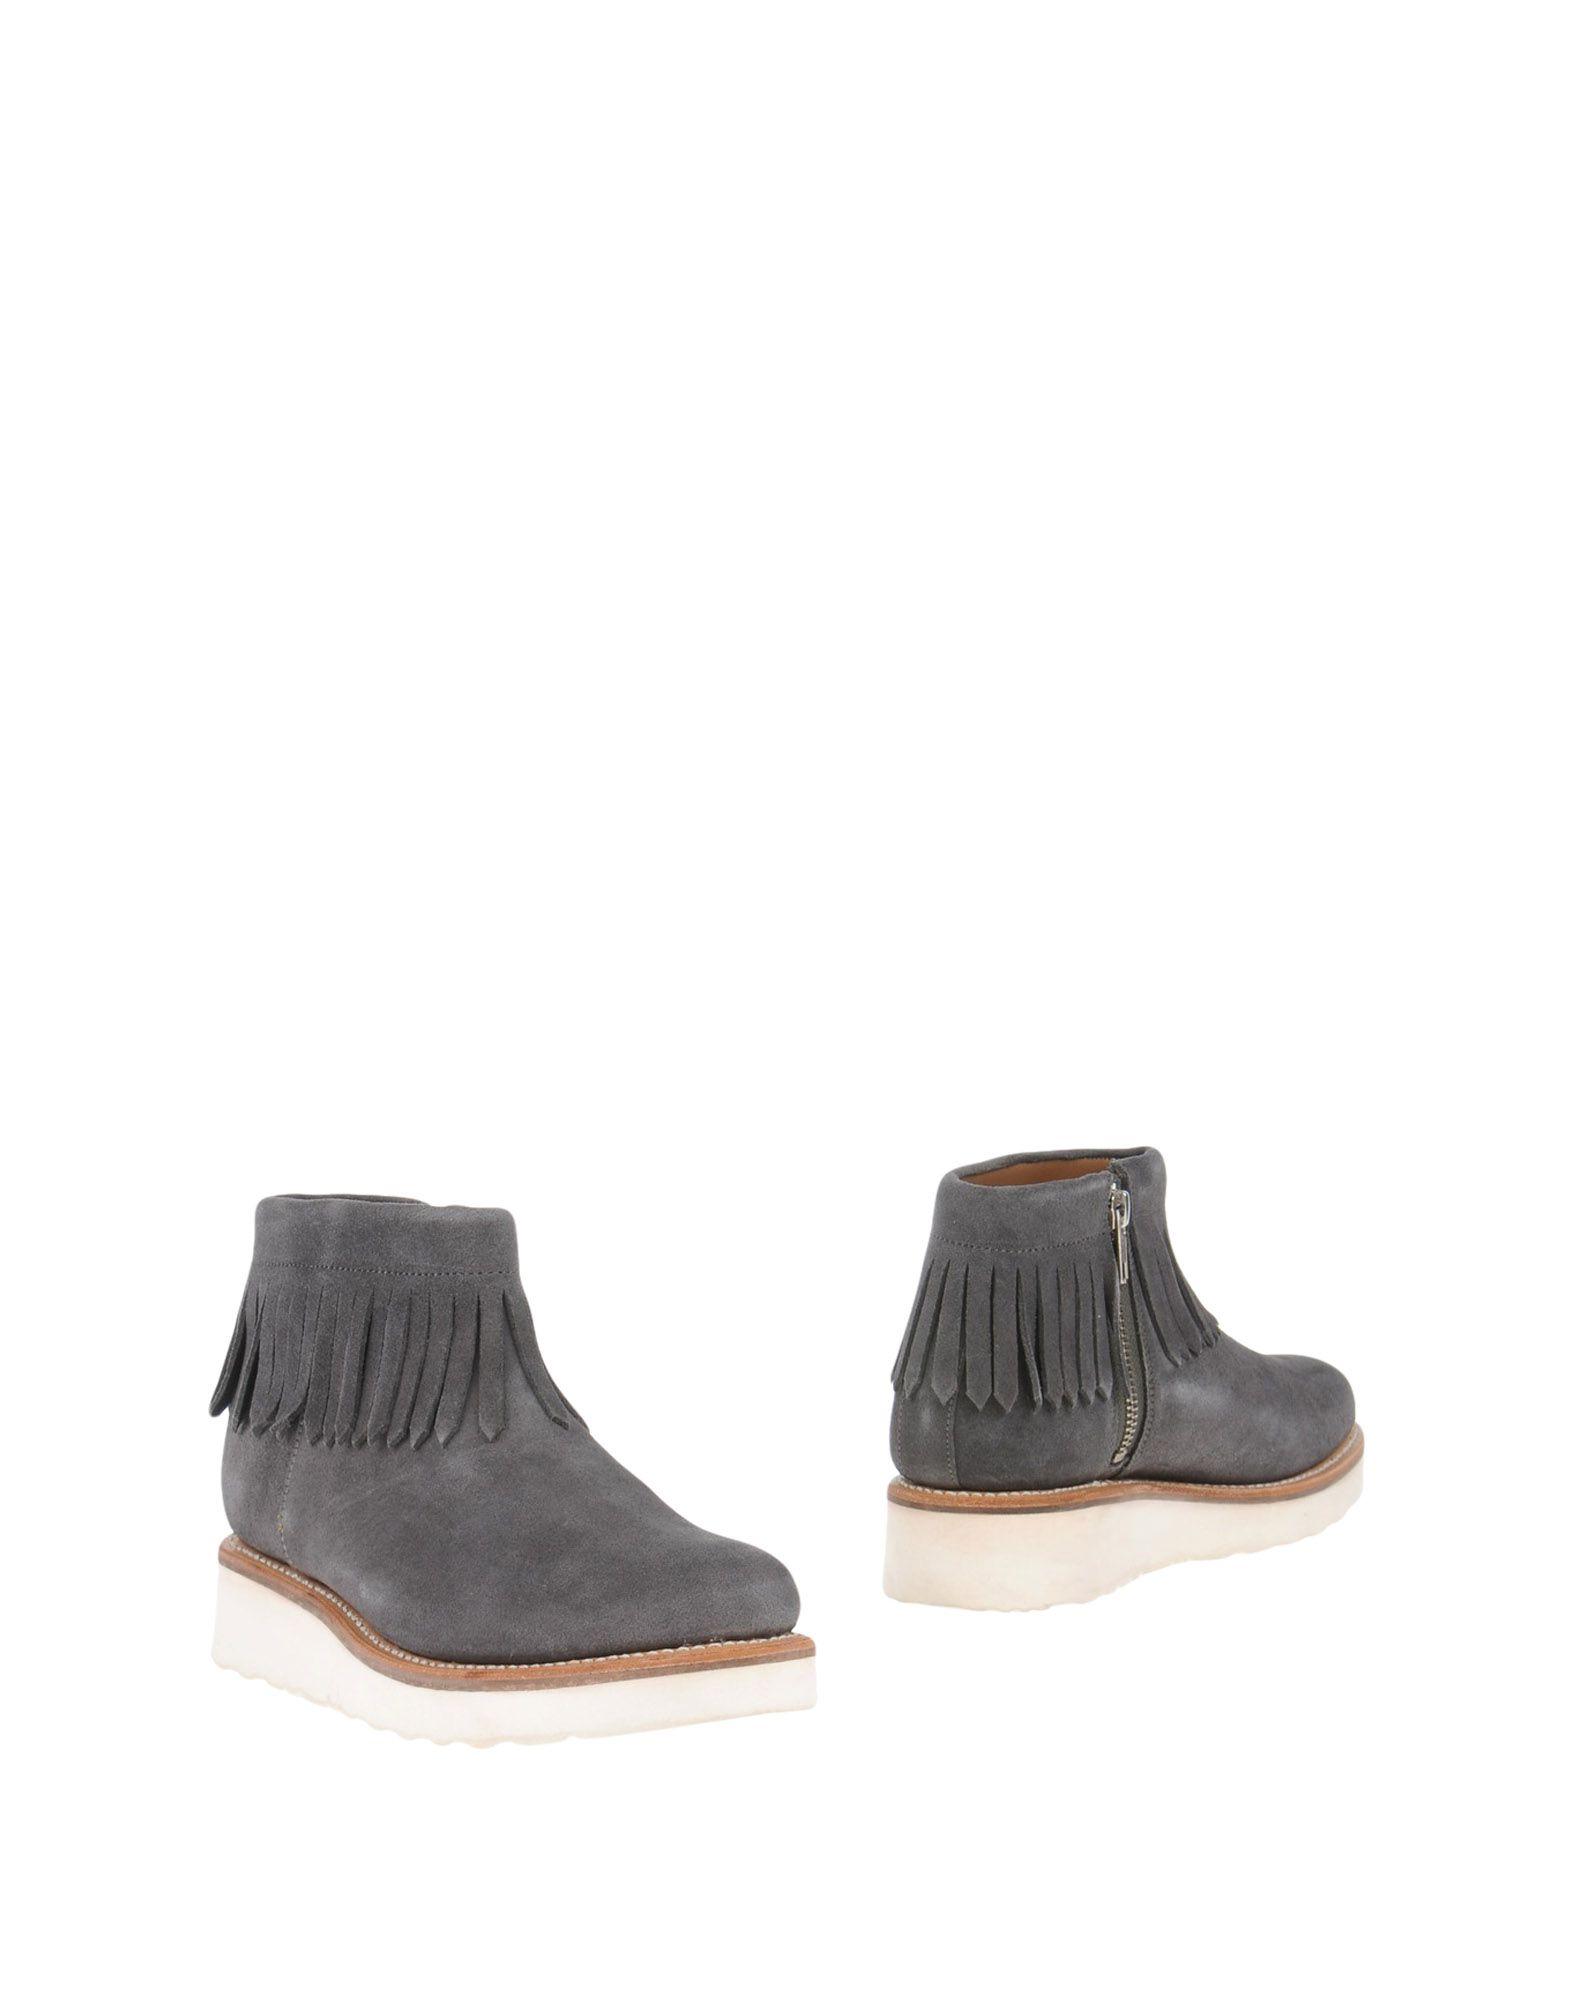 Bottine Grenson Femme - Bottines Grenson Noir Les chaussures les plus populaires pour les hommes et les femmes